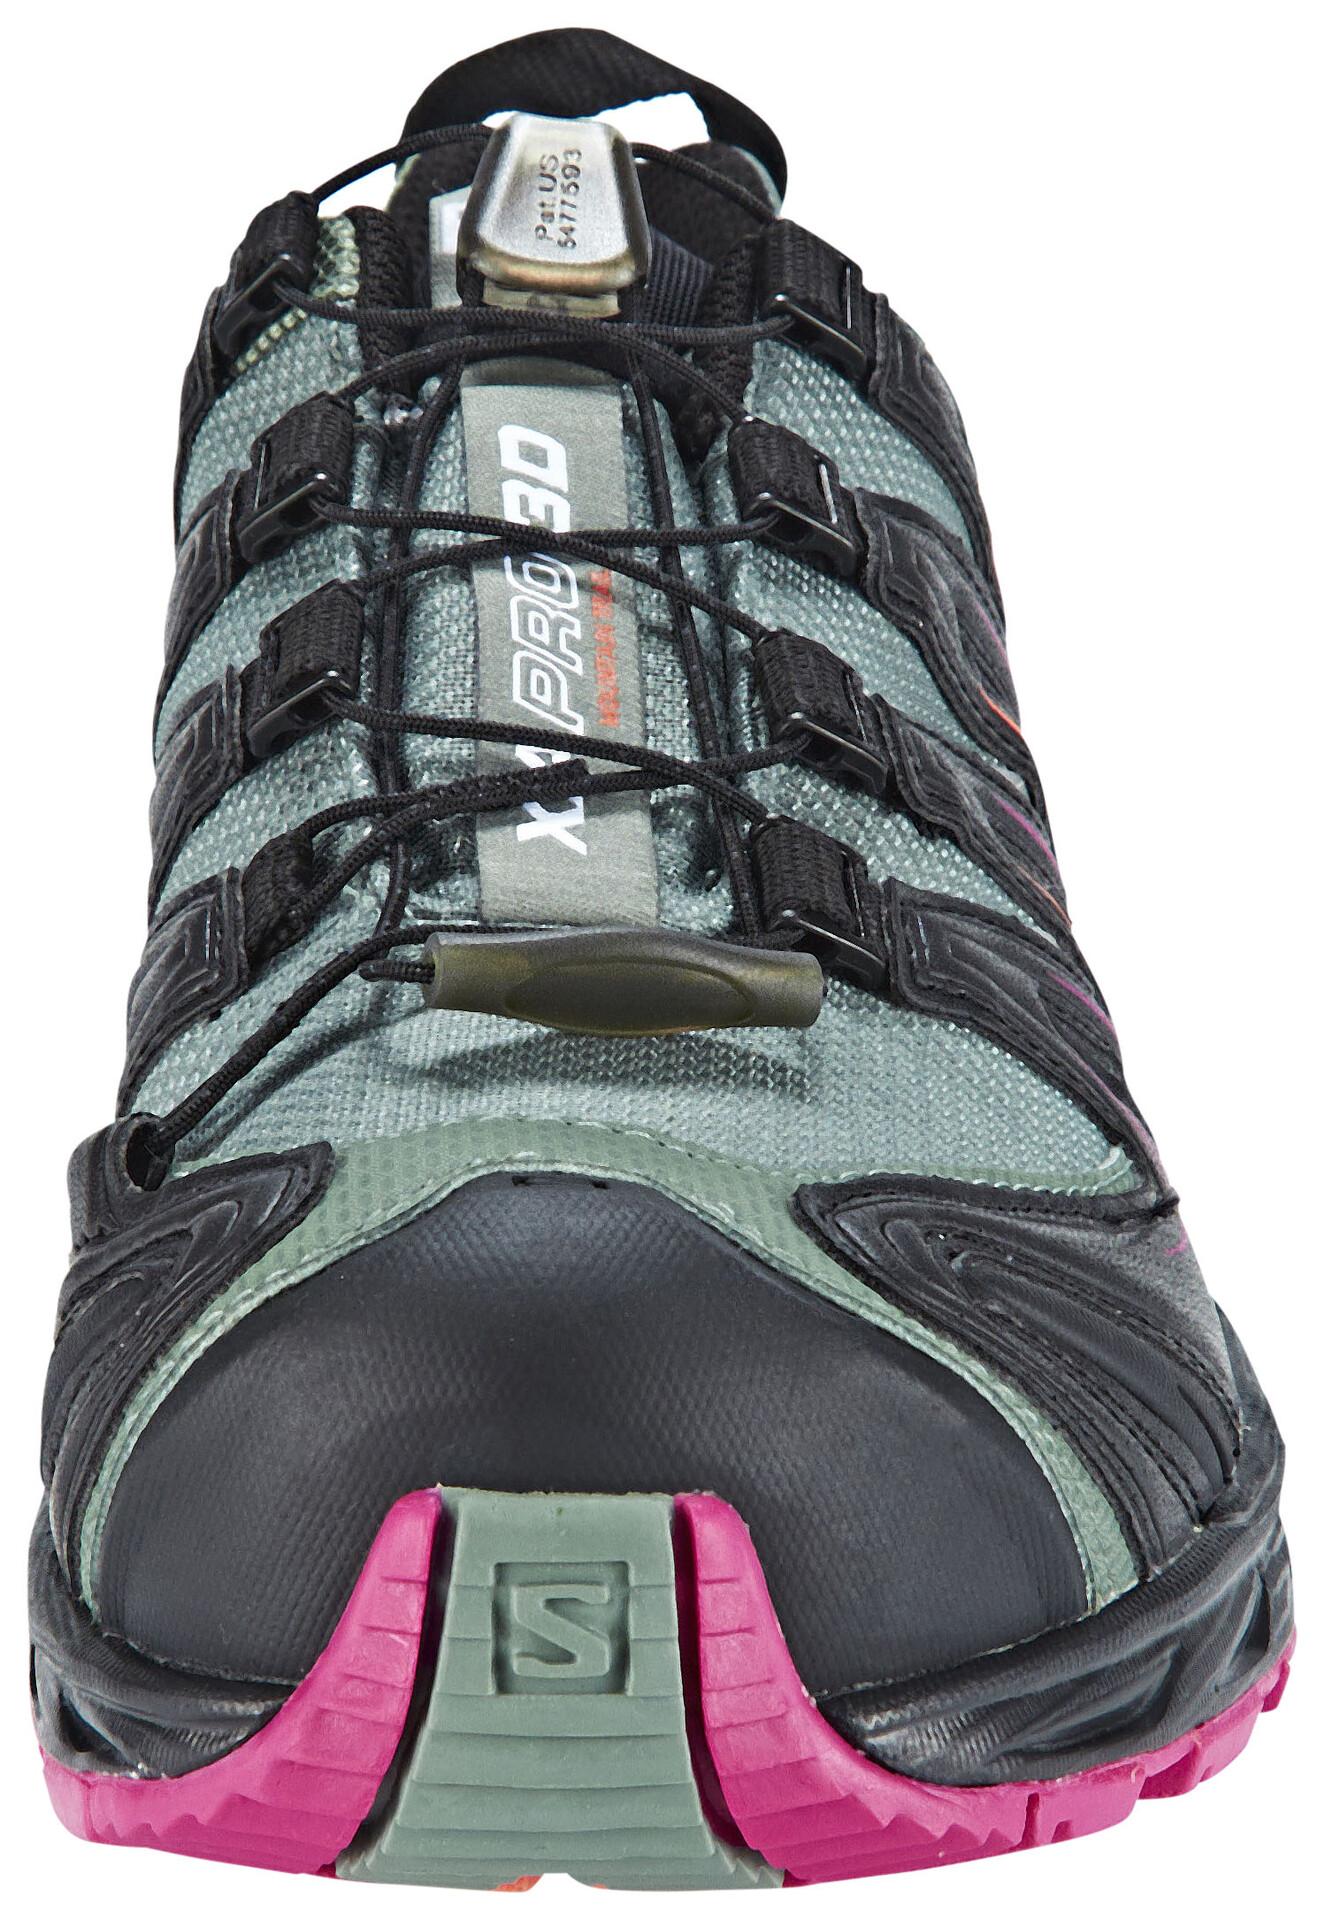 Salomon XA Pro 3D GTX Buty do biegania zielonyczarny